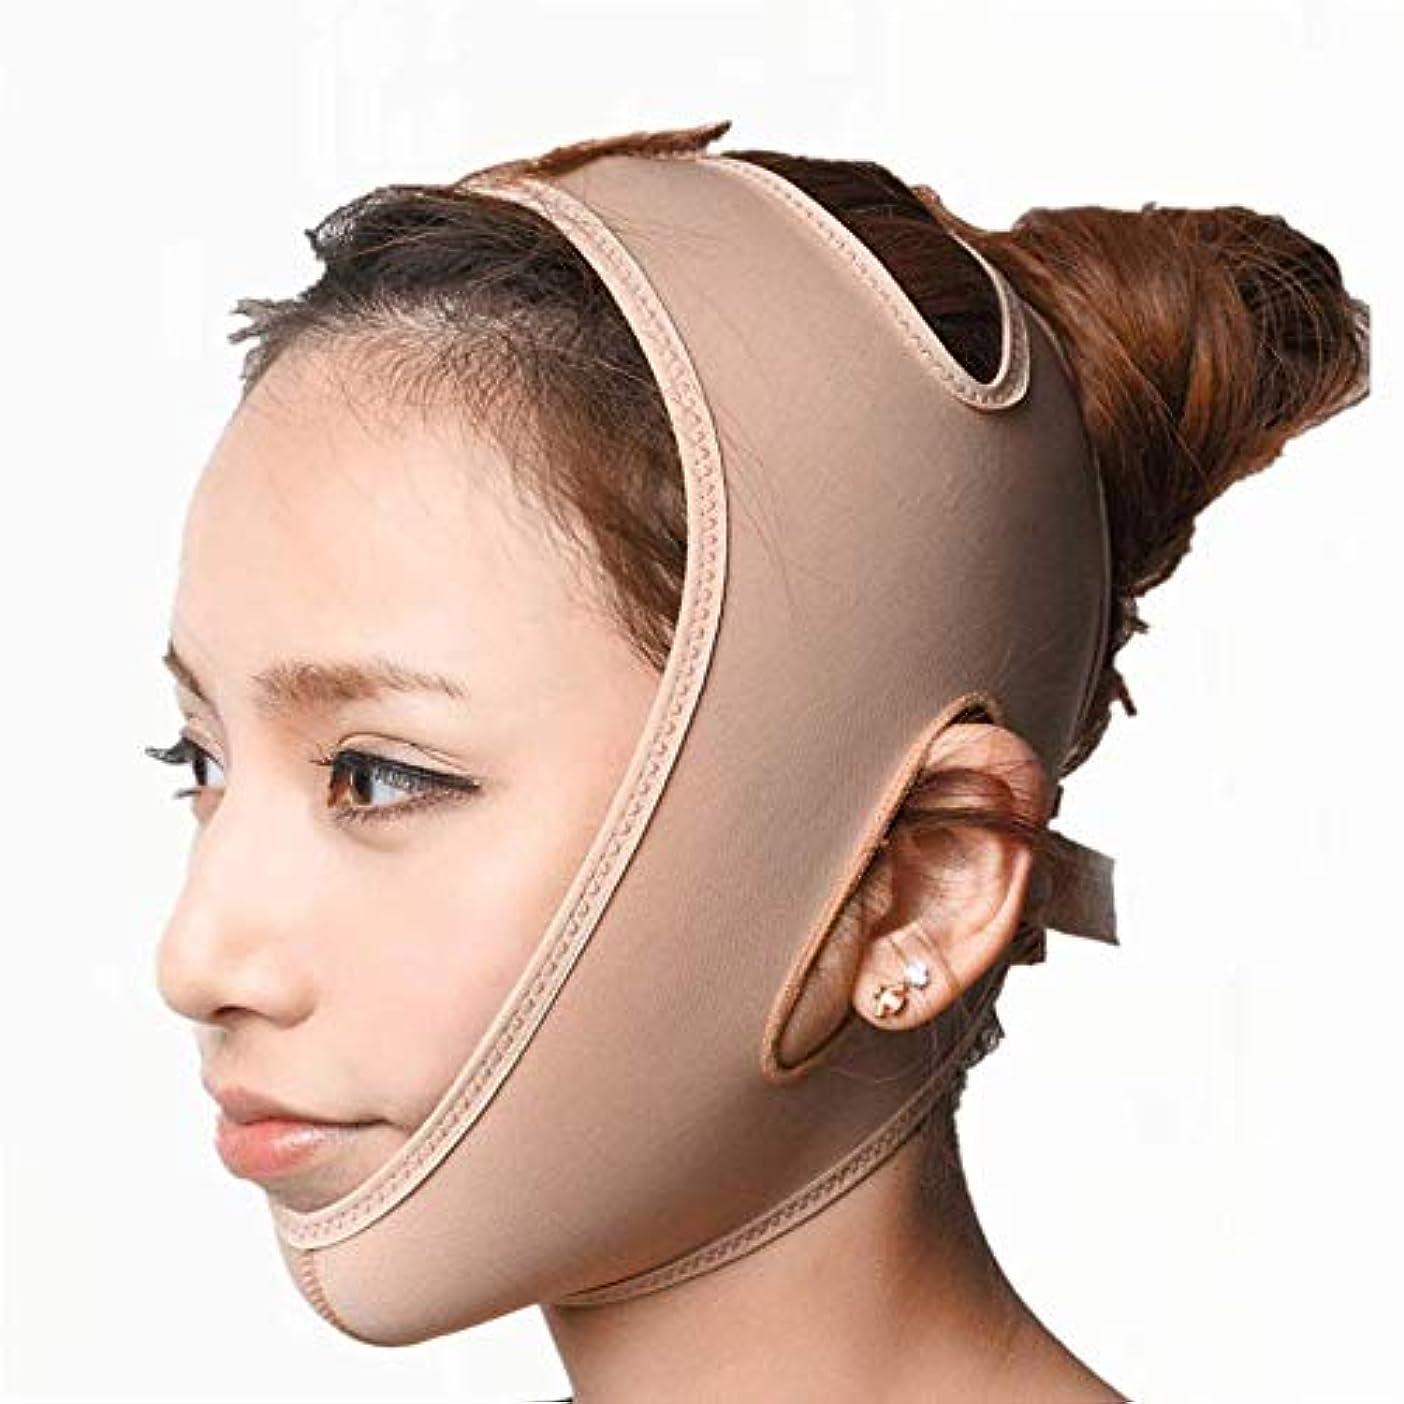 元気枕笑いWSJTT 女性のための手術後のチンストラップ包帯 - 首とあごの圧縮衣服ラップ - フェイススリム、Jowl引き締め、チンリフティング医療アンチエイジングマスク